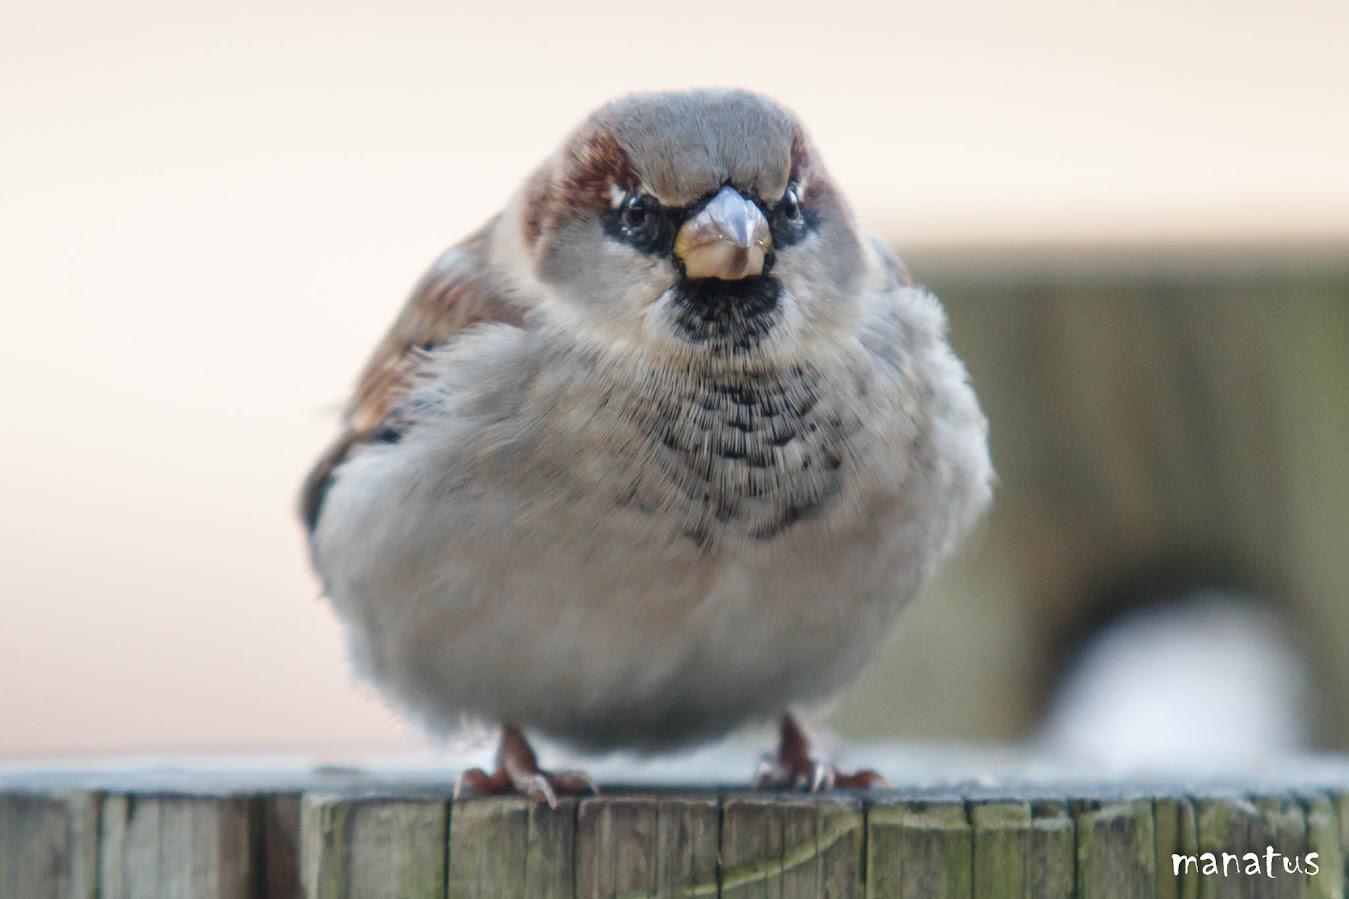 manatus angry bird